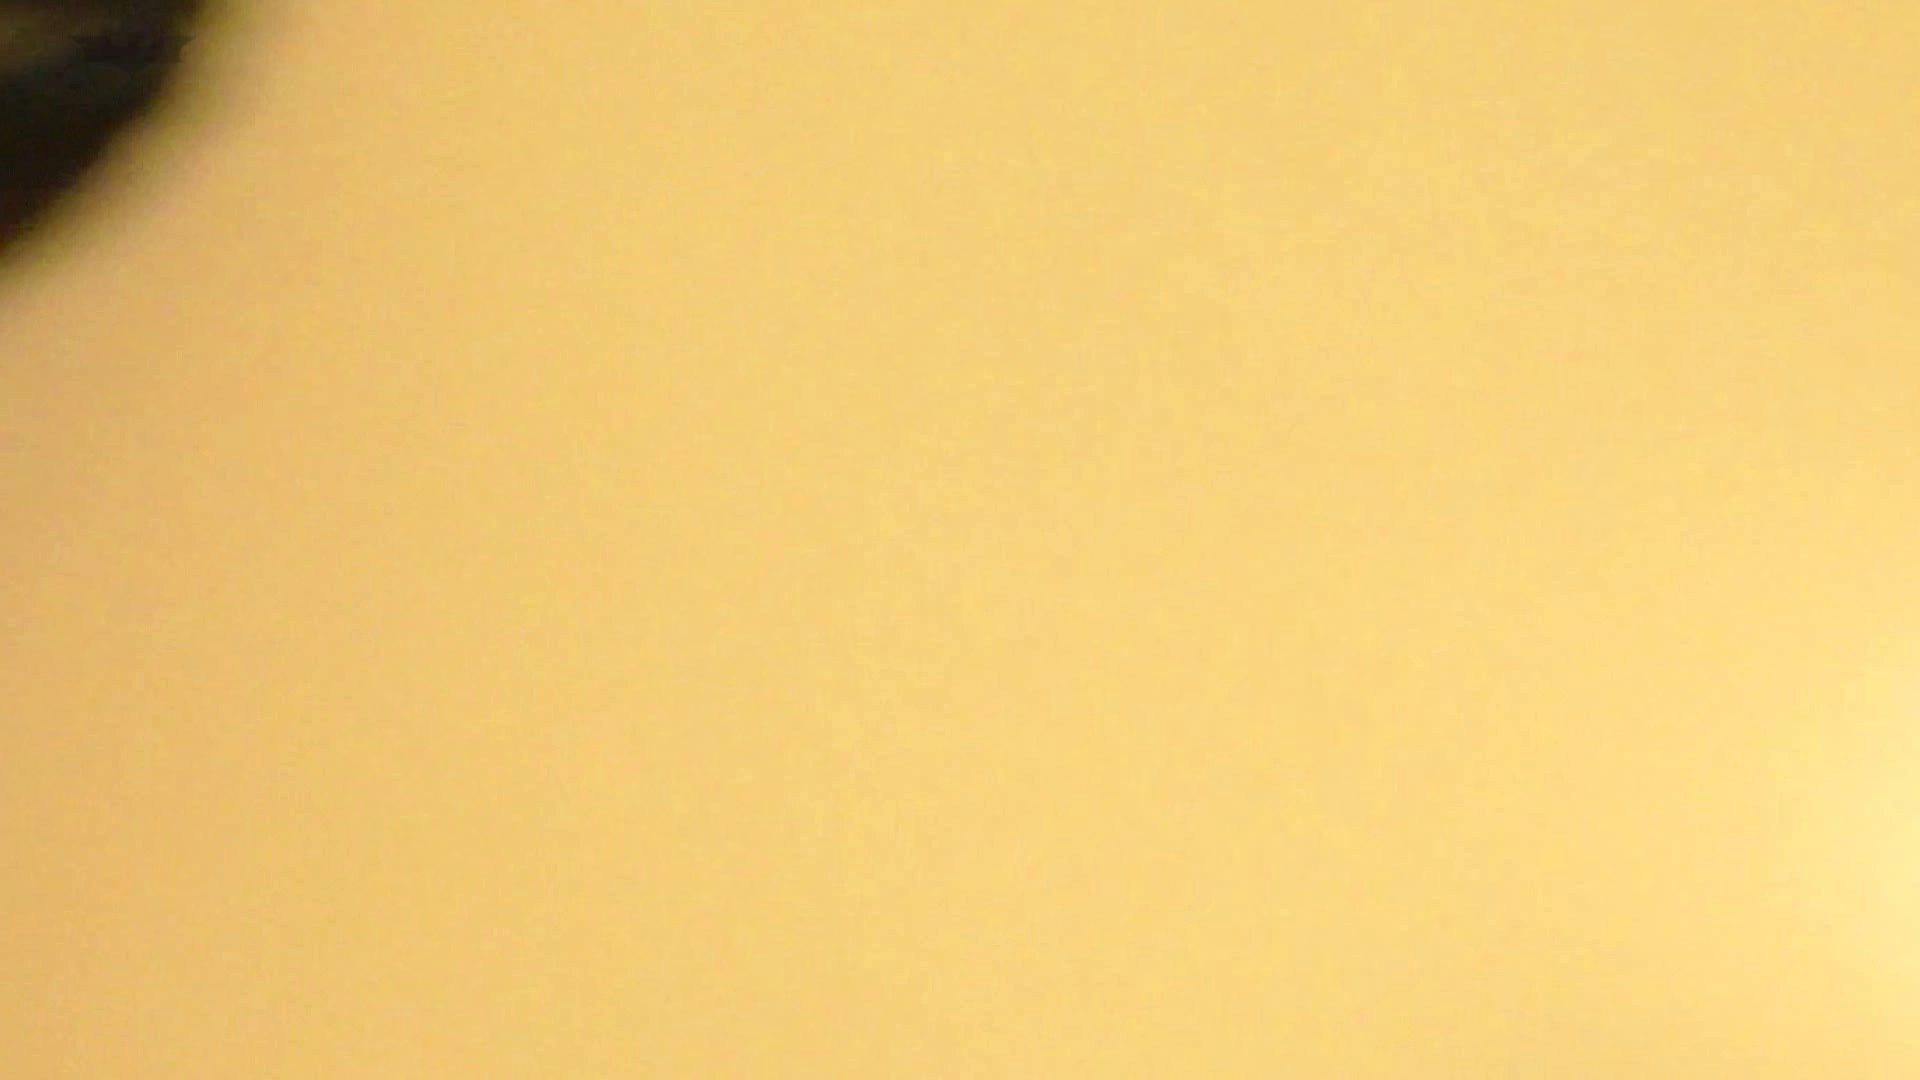 悪戯ネットカフェ Vol13 後編 「効き目」が良いので2回戦目挿入っ! イタズラ   悪戯  40連発 30